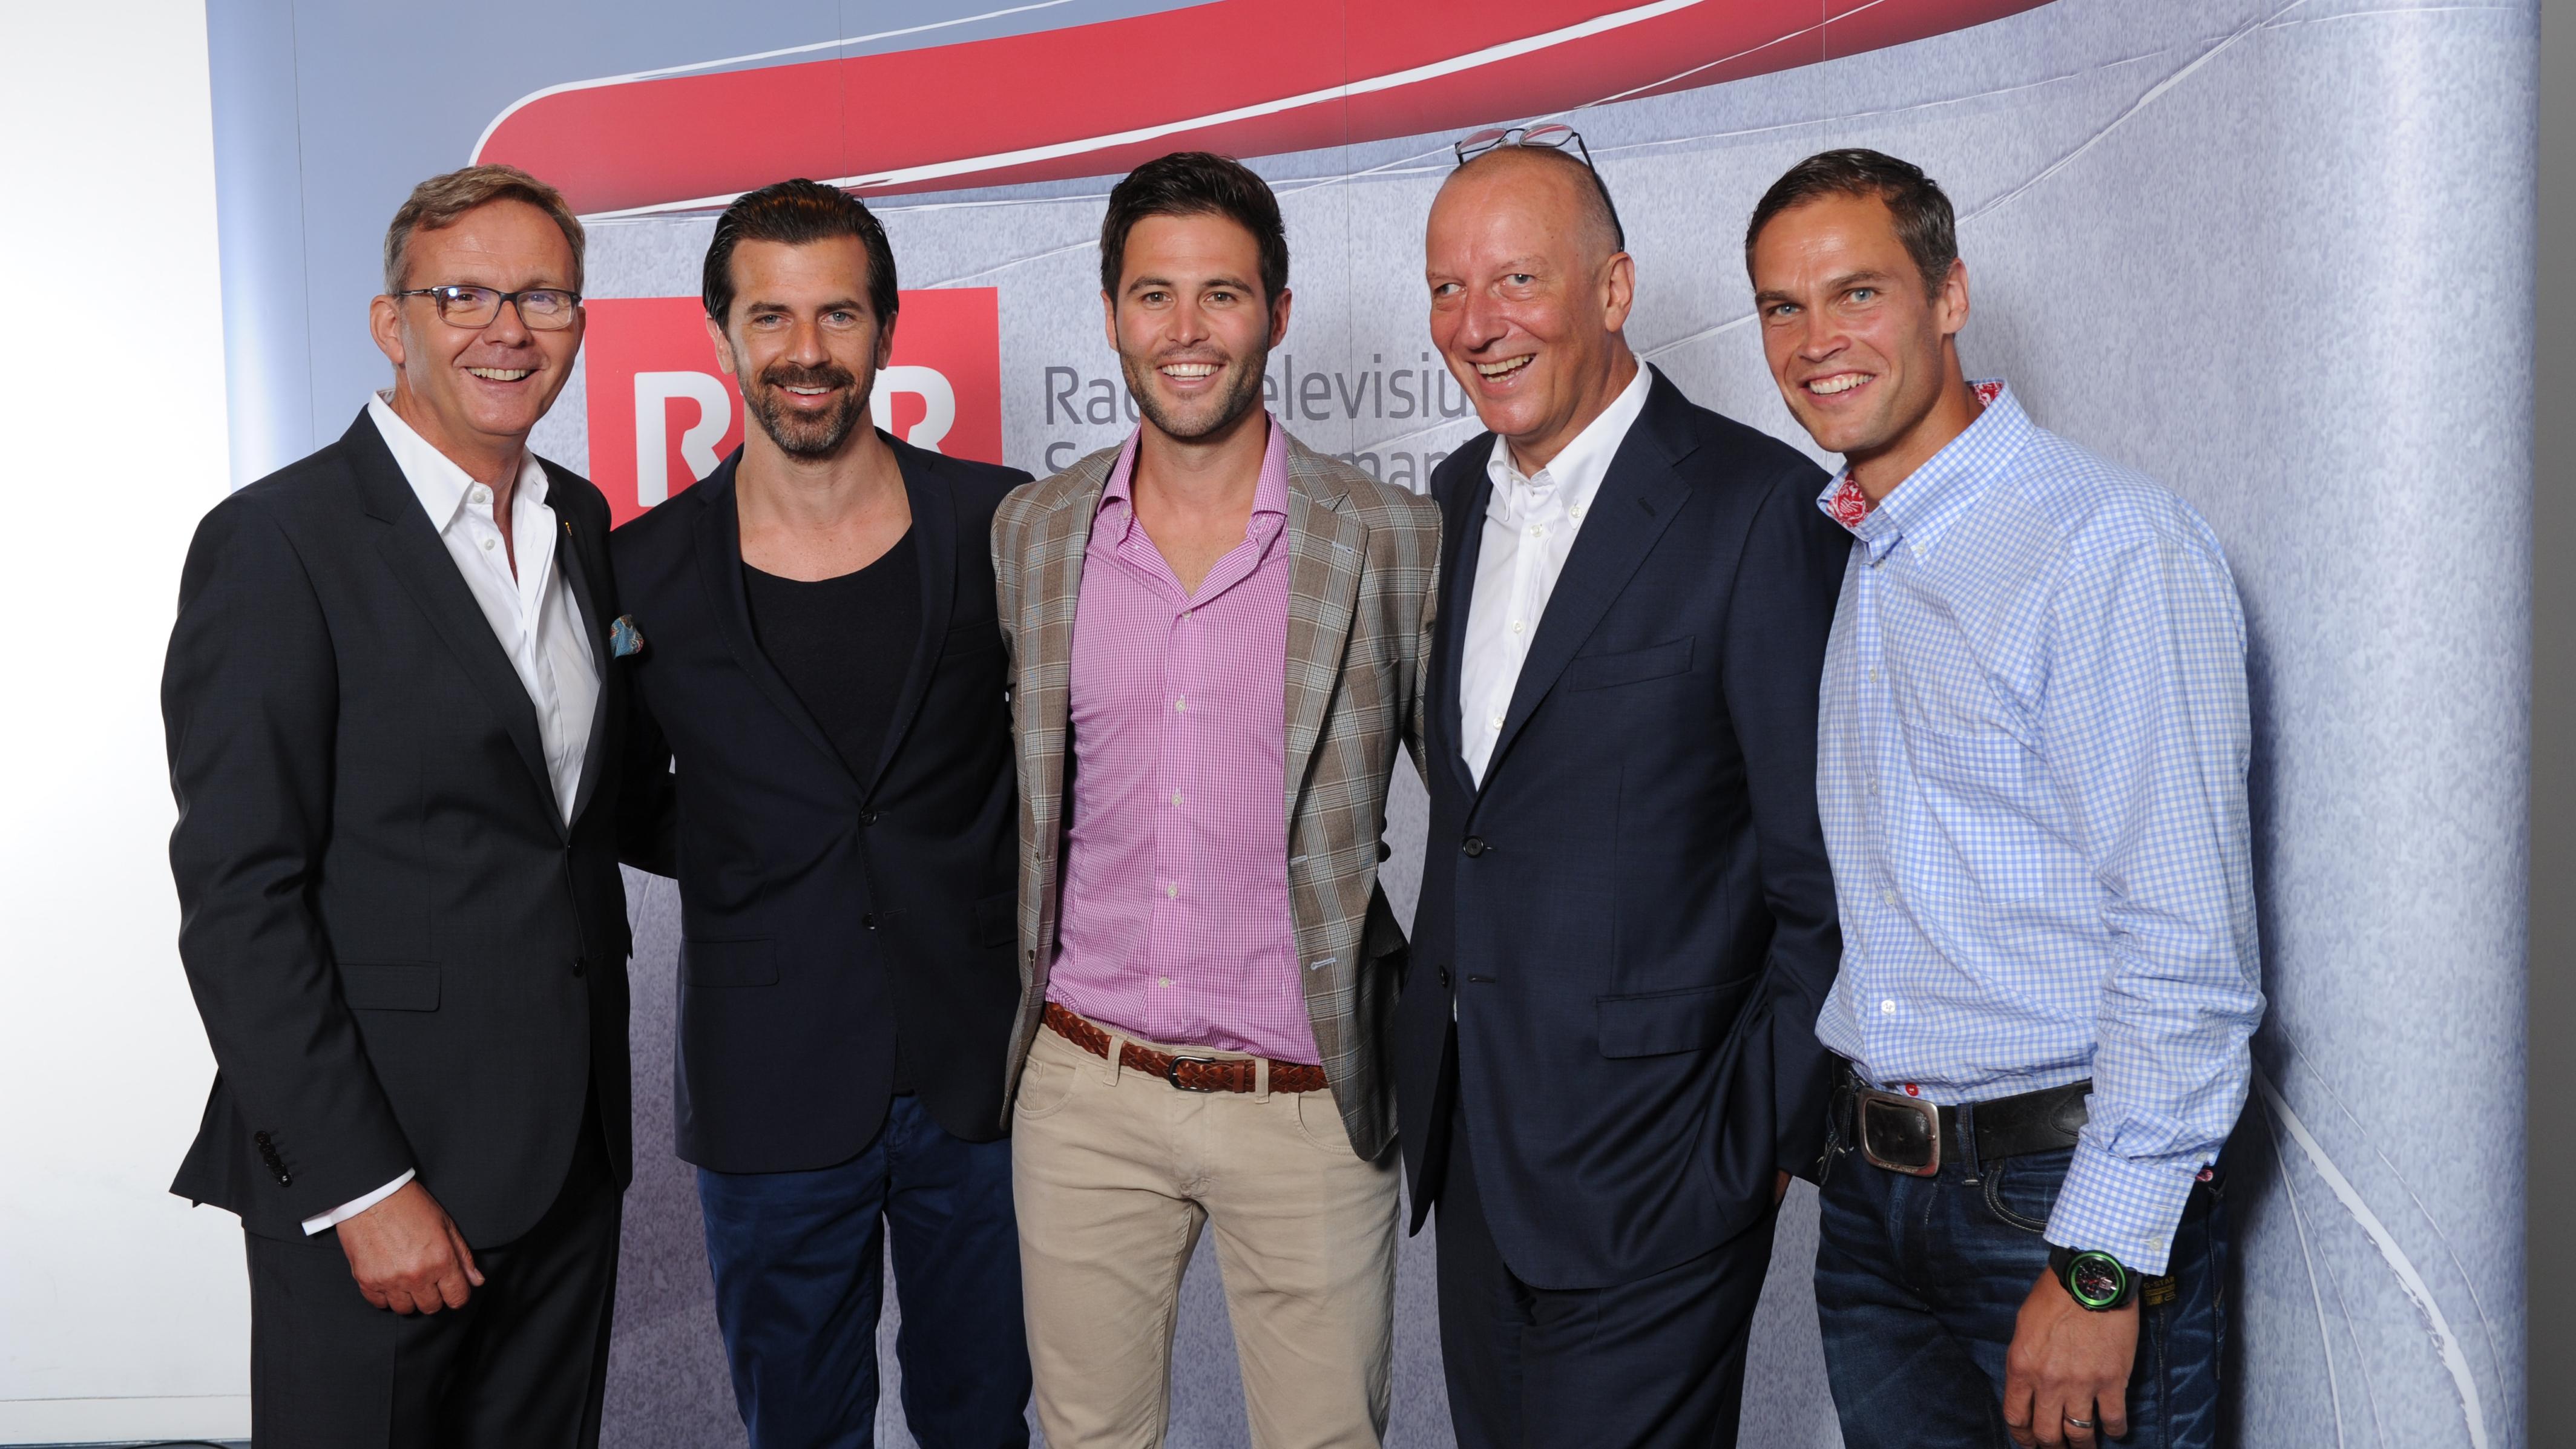 Mariano Tschuor, Andreas Caminada, Sandro Cavegn, Roger de Weck e Renzo Blumenthal.